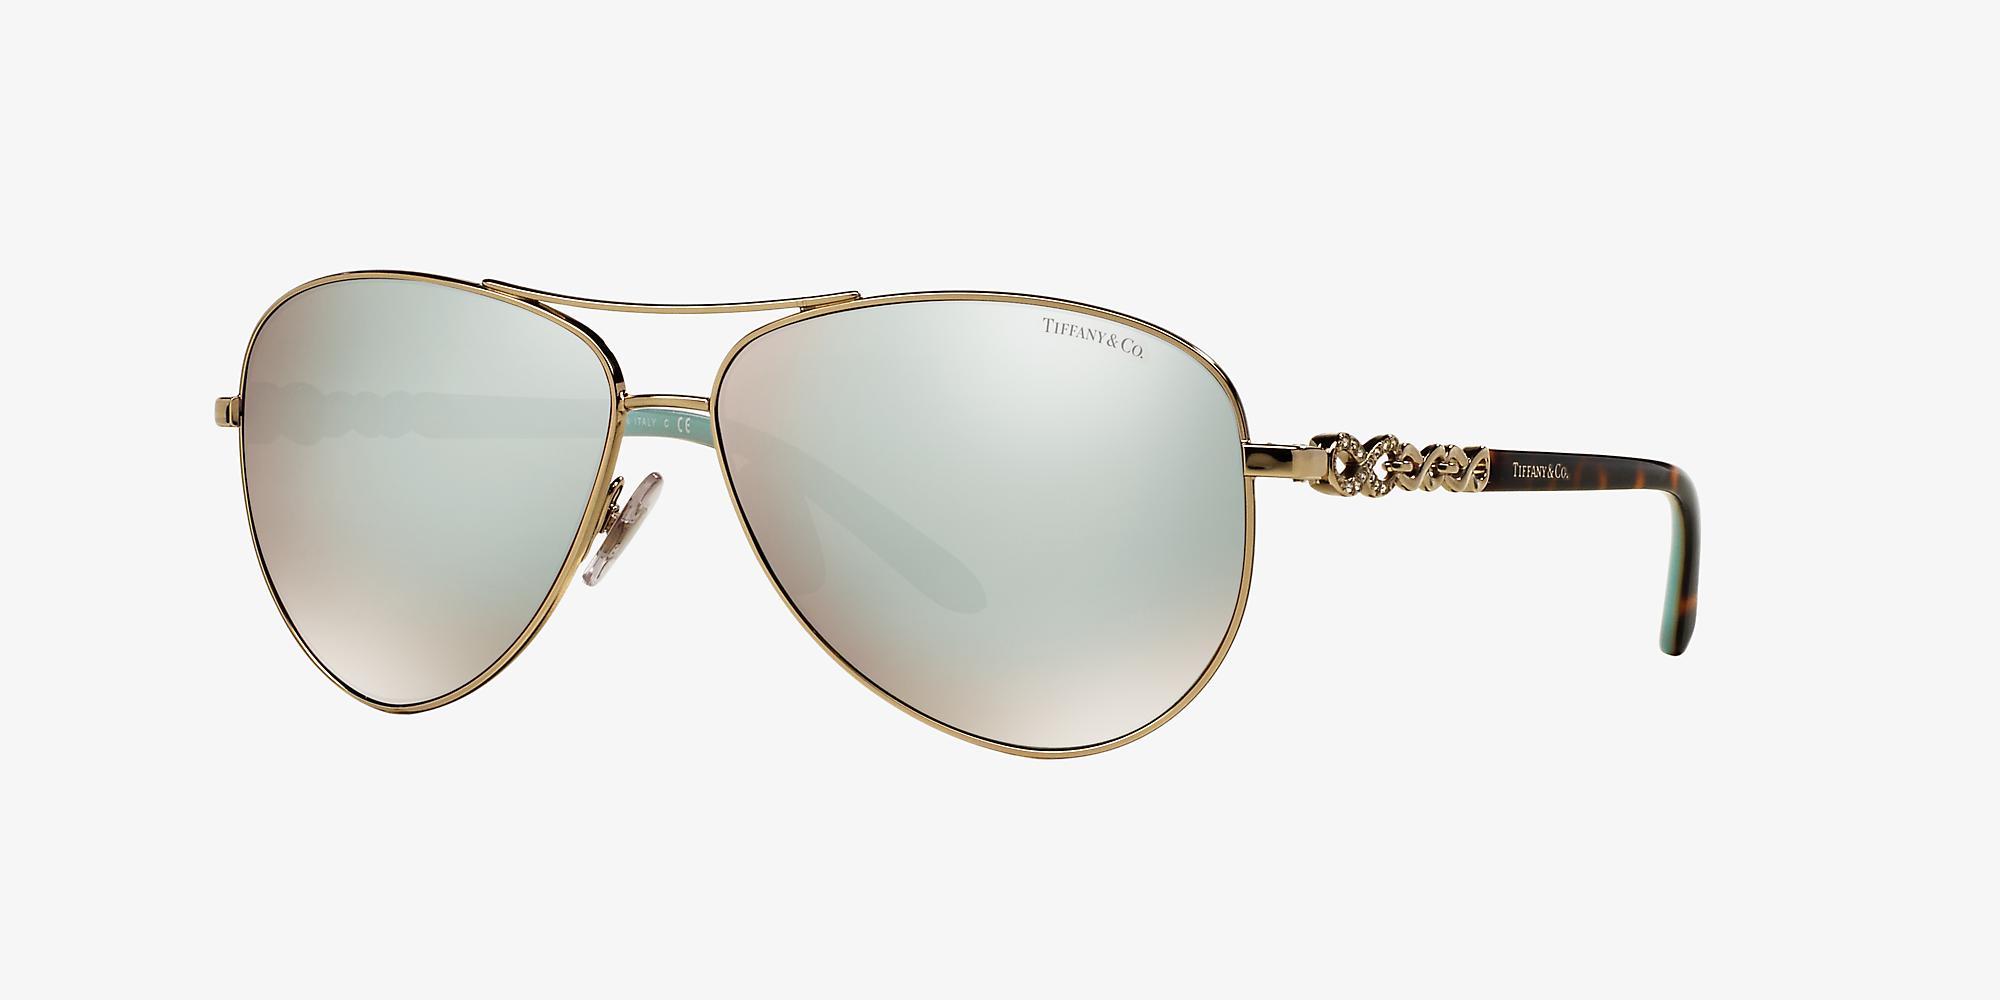 4e74aafa99d0 Tiffany TF3049B Tiffany Infinity 58 White & Gold Sunglasses ...